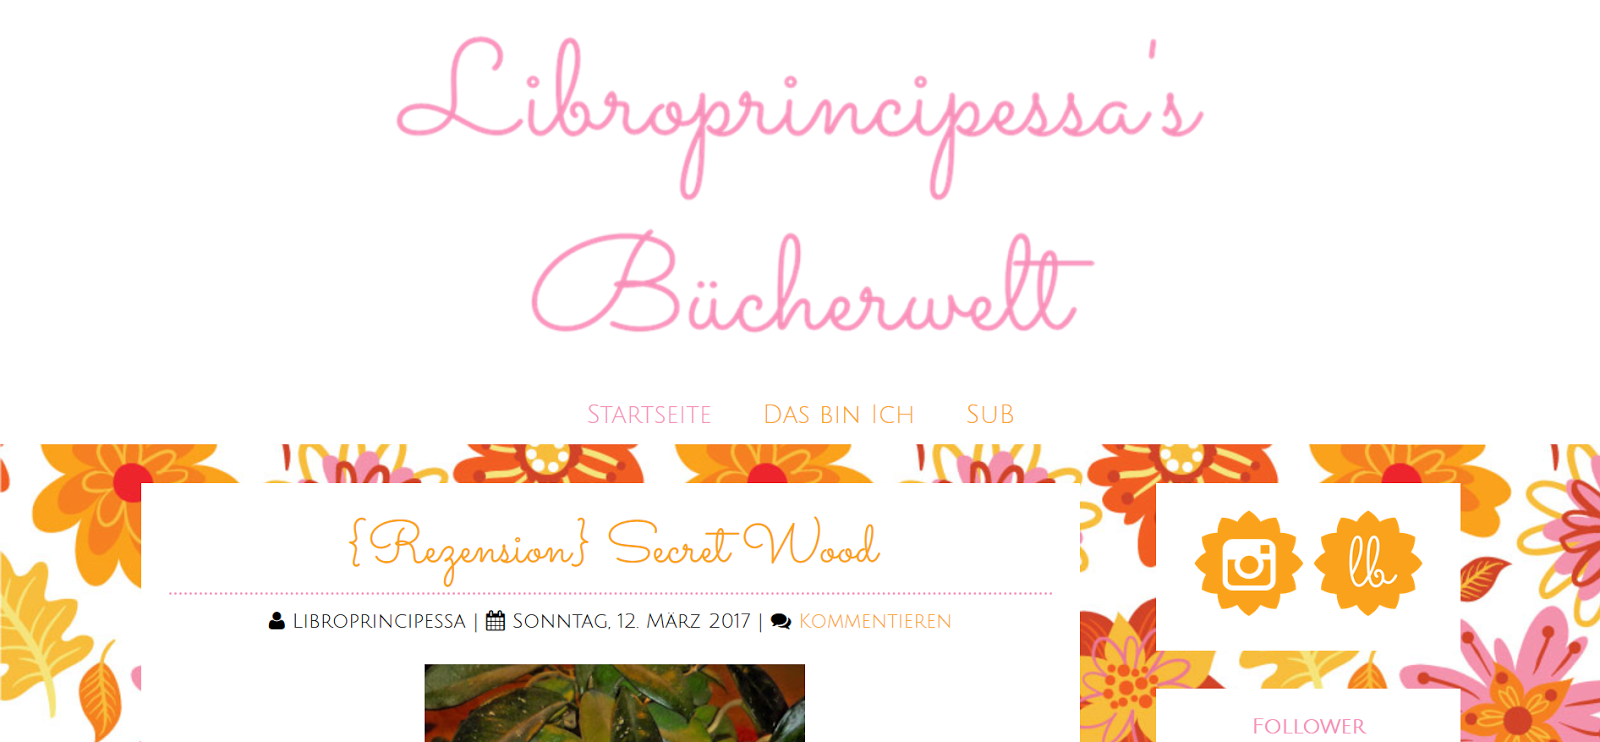 http://libroprincipessa.blogspot.com/